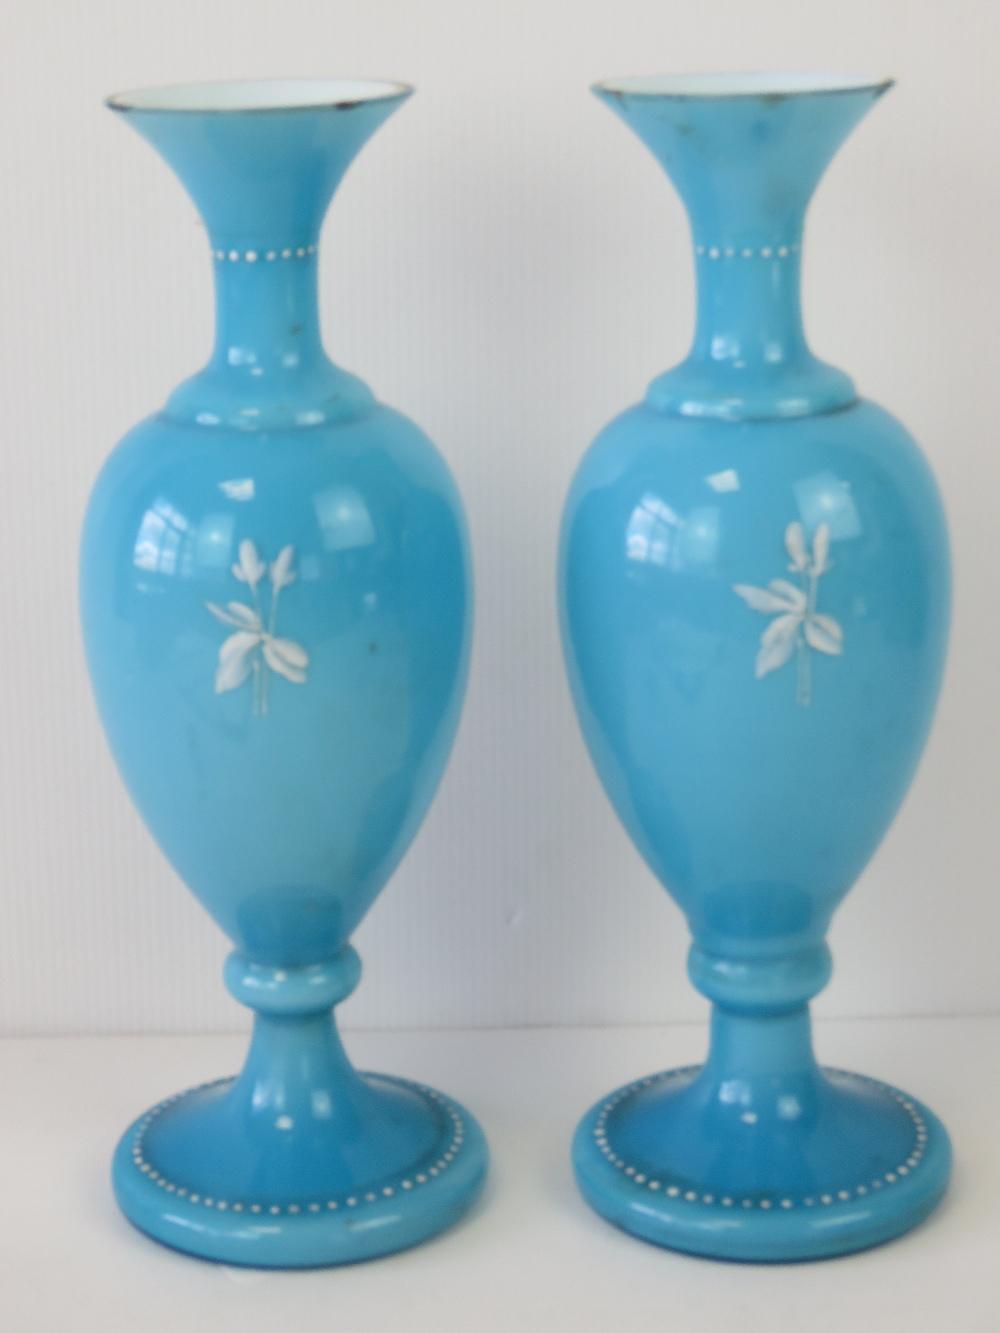 Lot 515 - A pair of blue white cased art glass vas